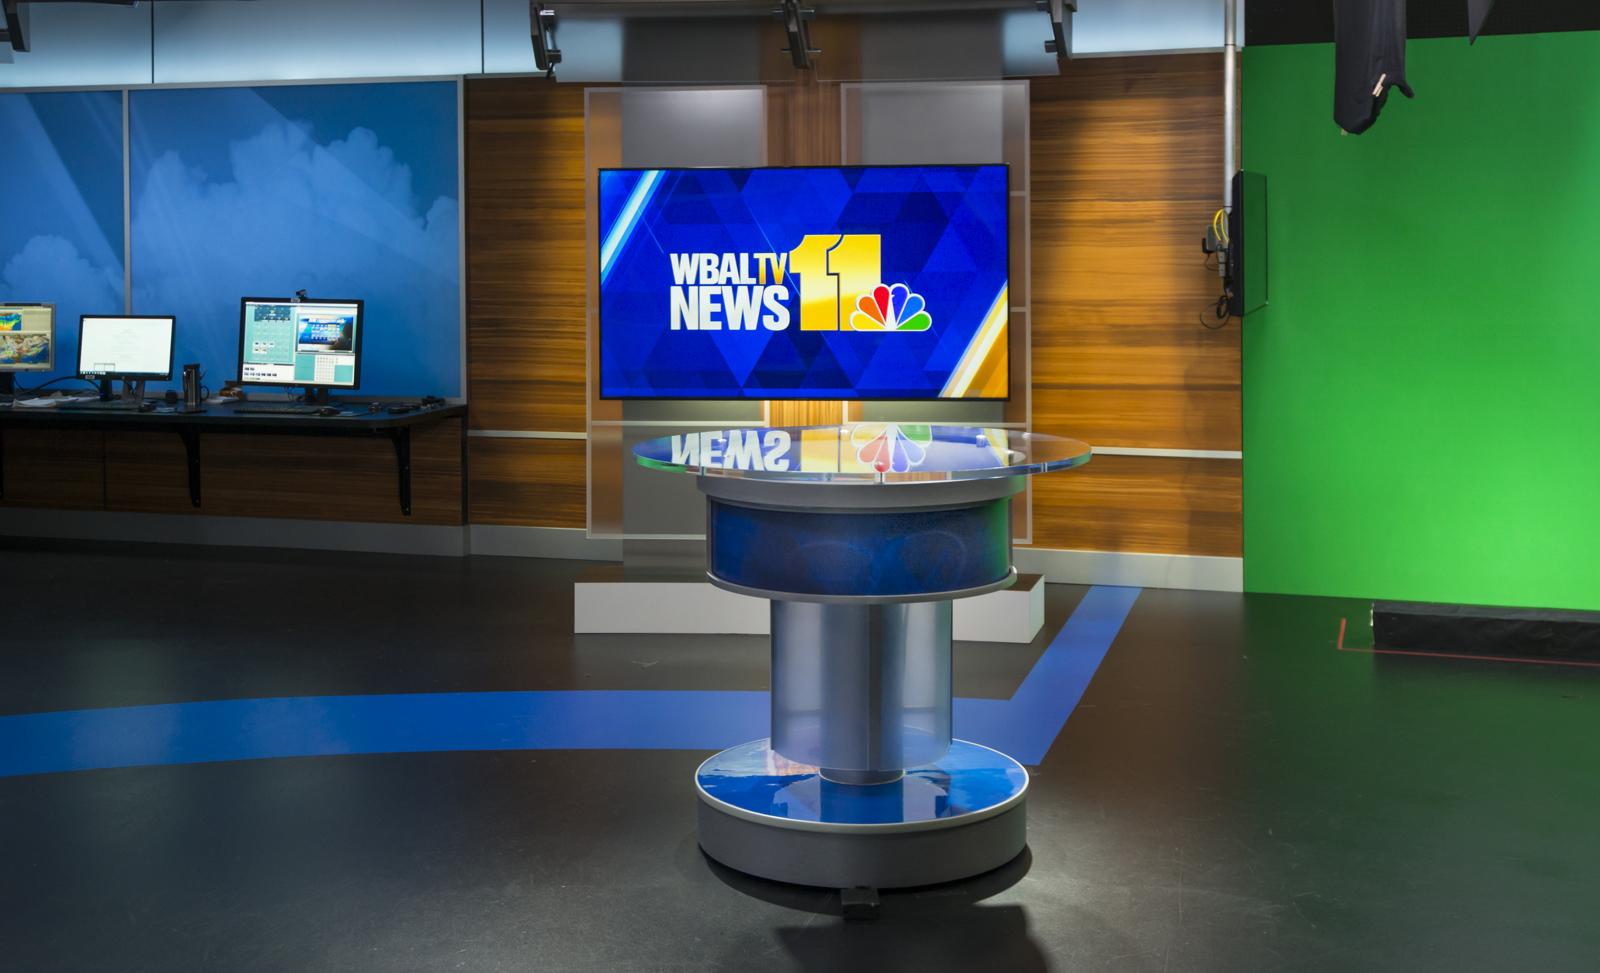 ncs_wbal-news-11-tv-studio_0007